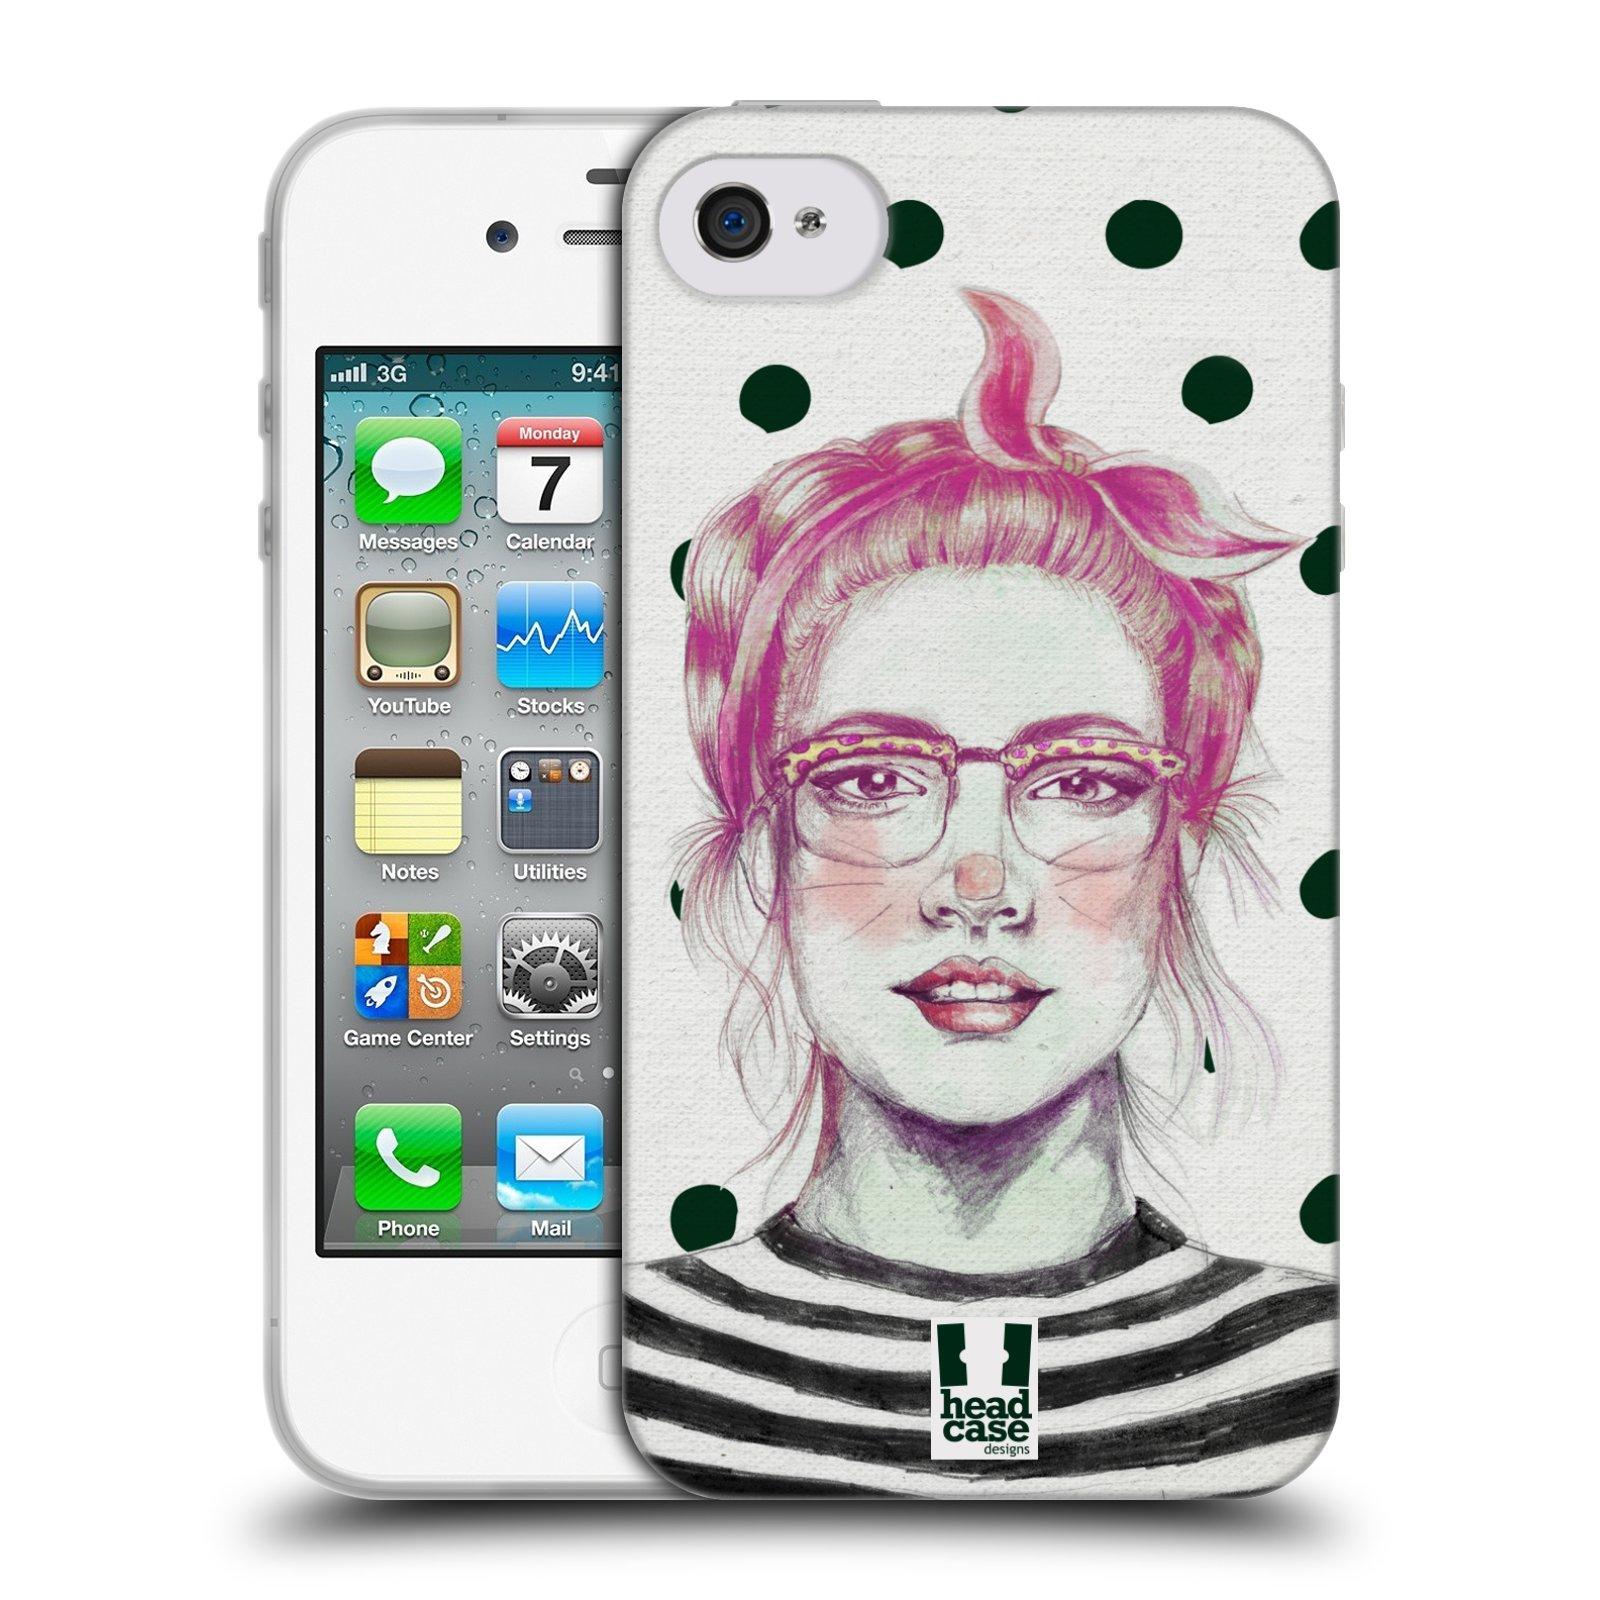 HEAD CASE silikonový obal na mobil Apple Iphone 4/4S vzor Děvče zvířecí tématika zajíček puntíky